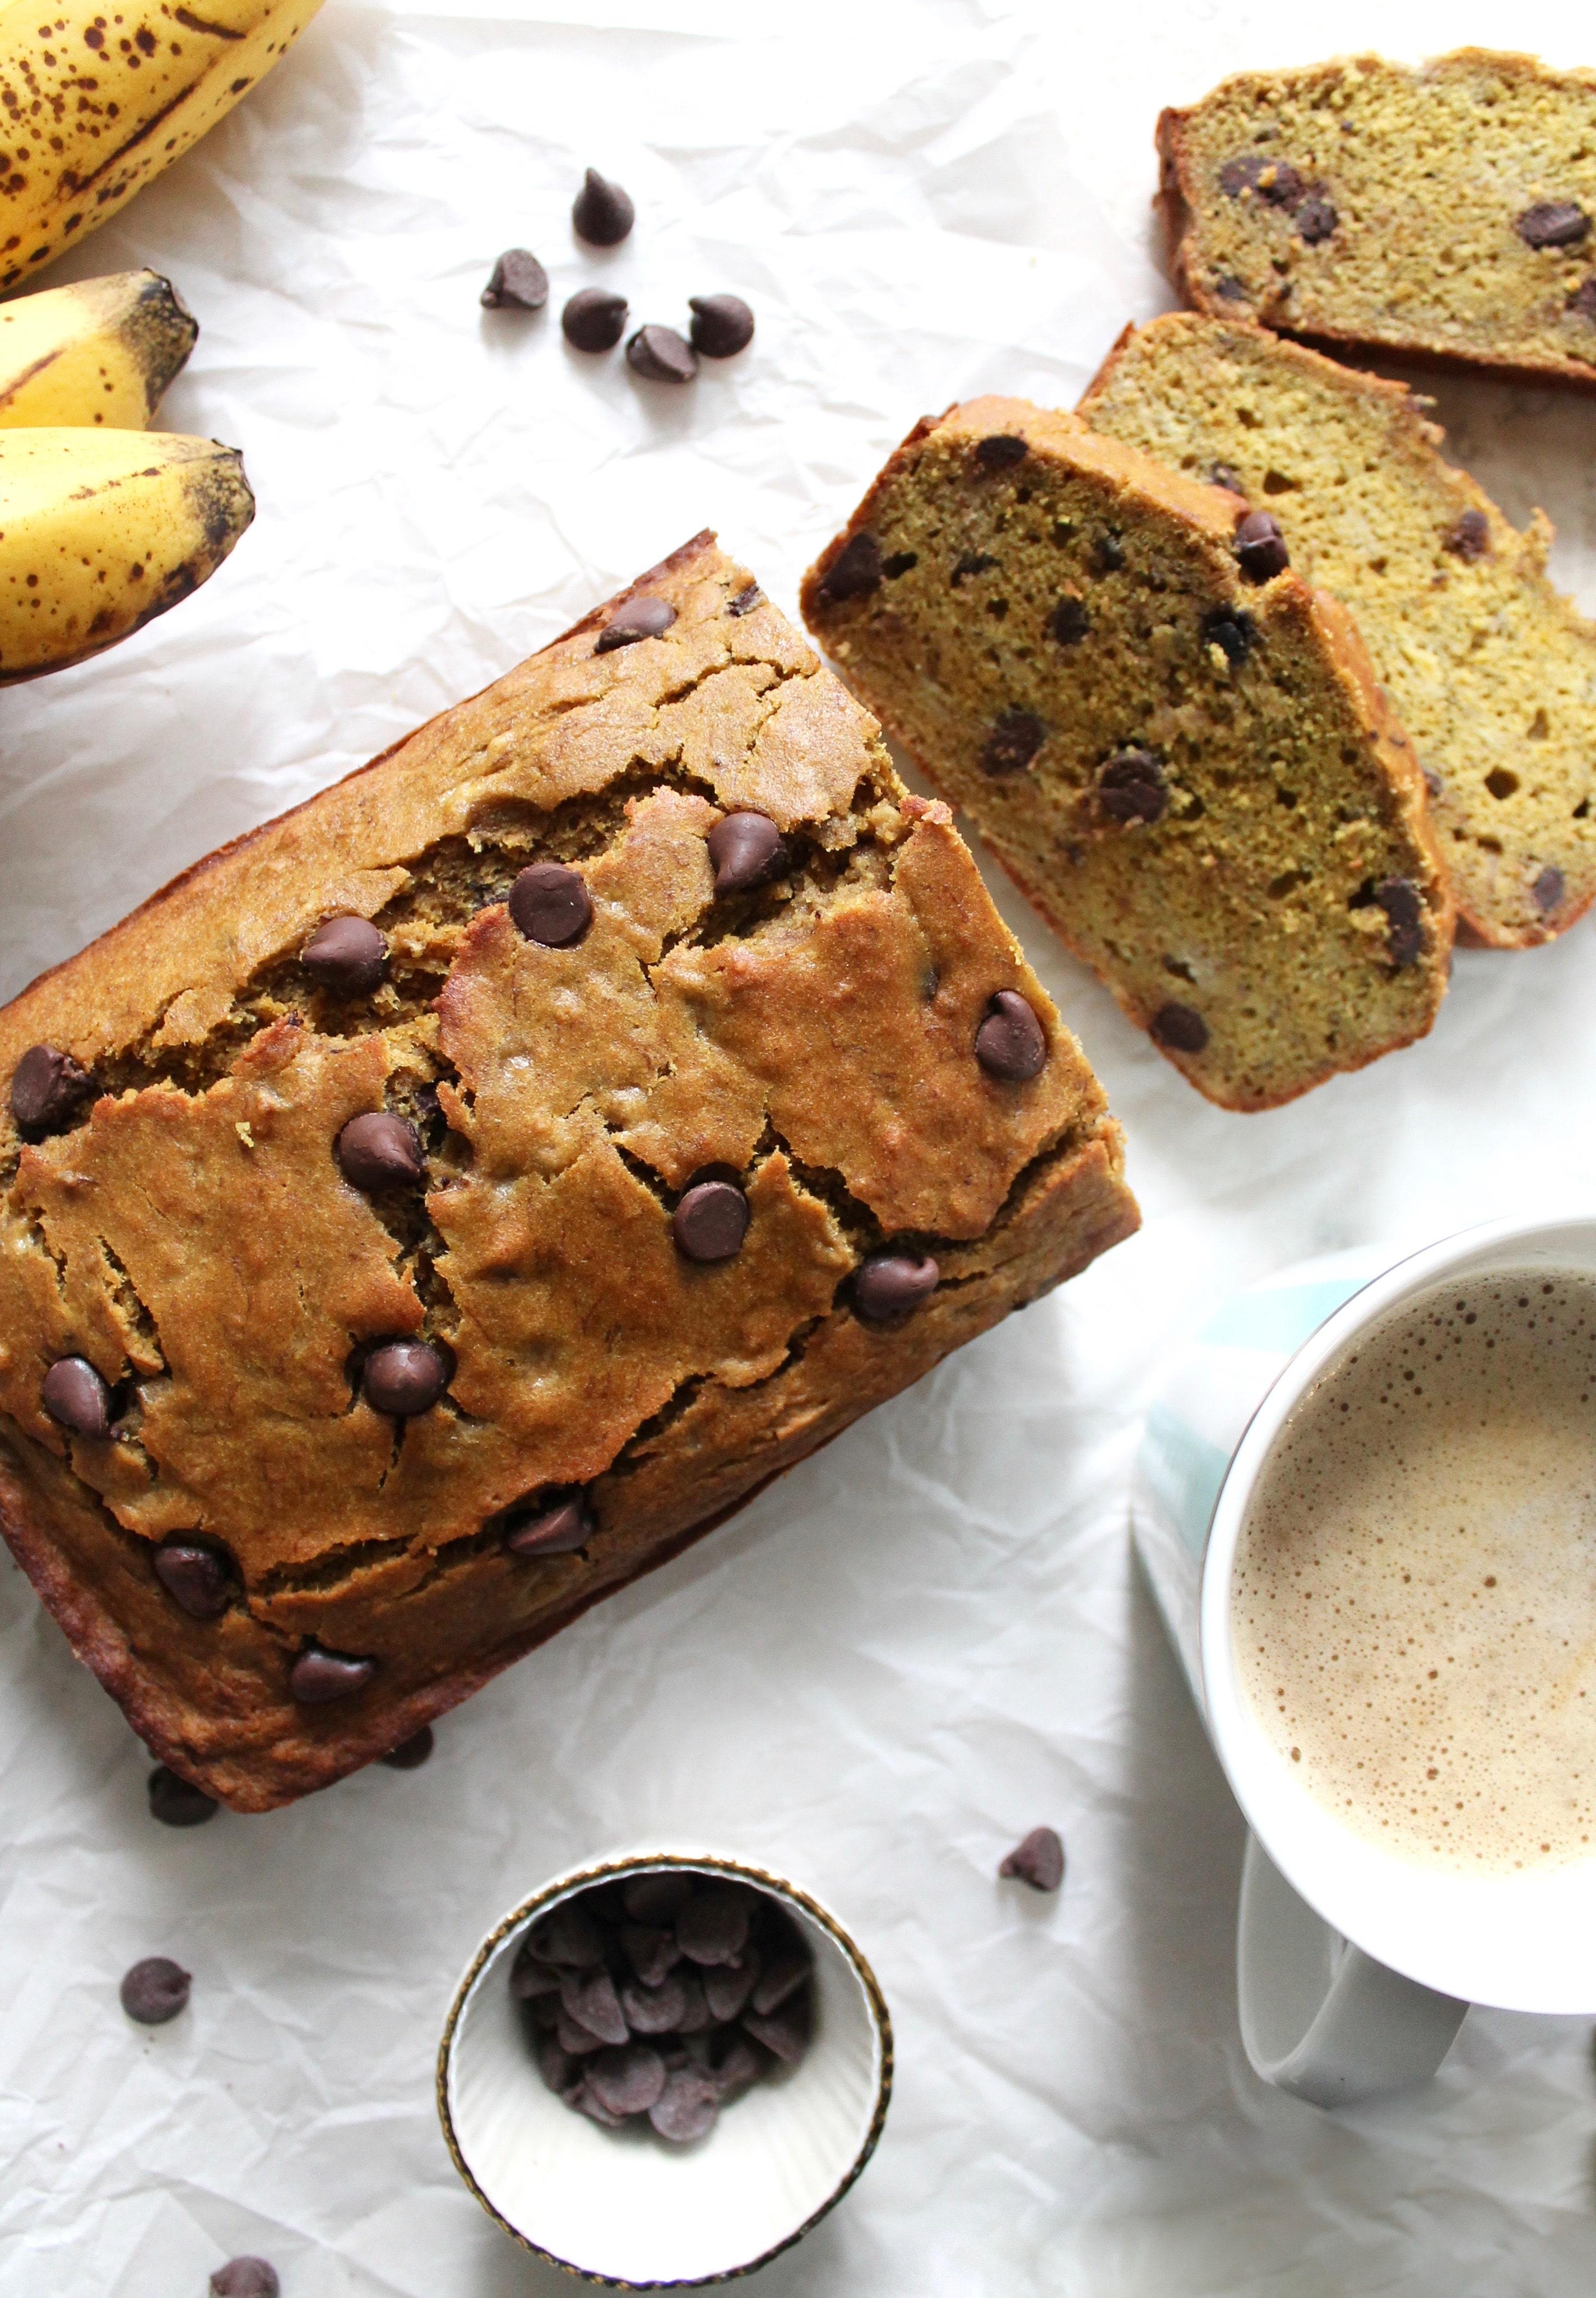 Quinoa Flour Chocolate Chip Banana Bread (gf, df)